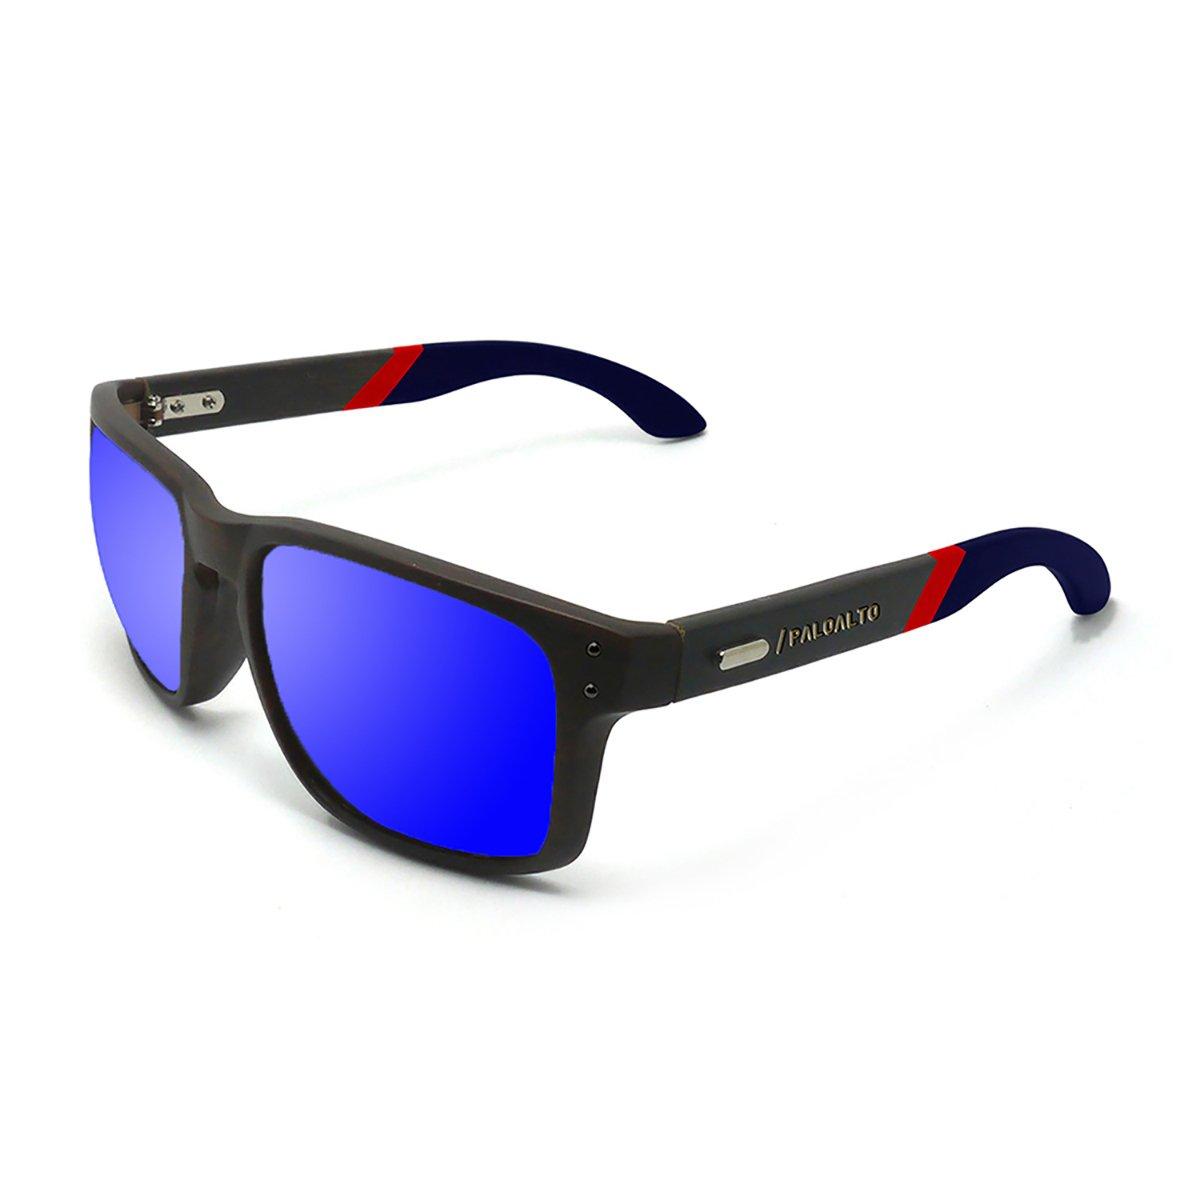 Paloalto Sunglasses P19202111.2 Lunette de Soleil Mixte Adulte JEELga